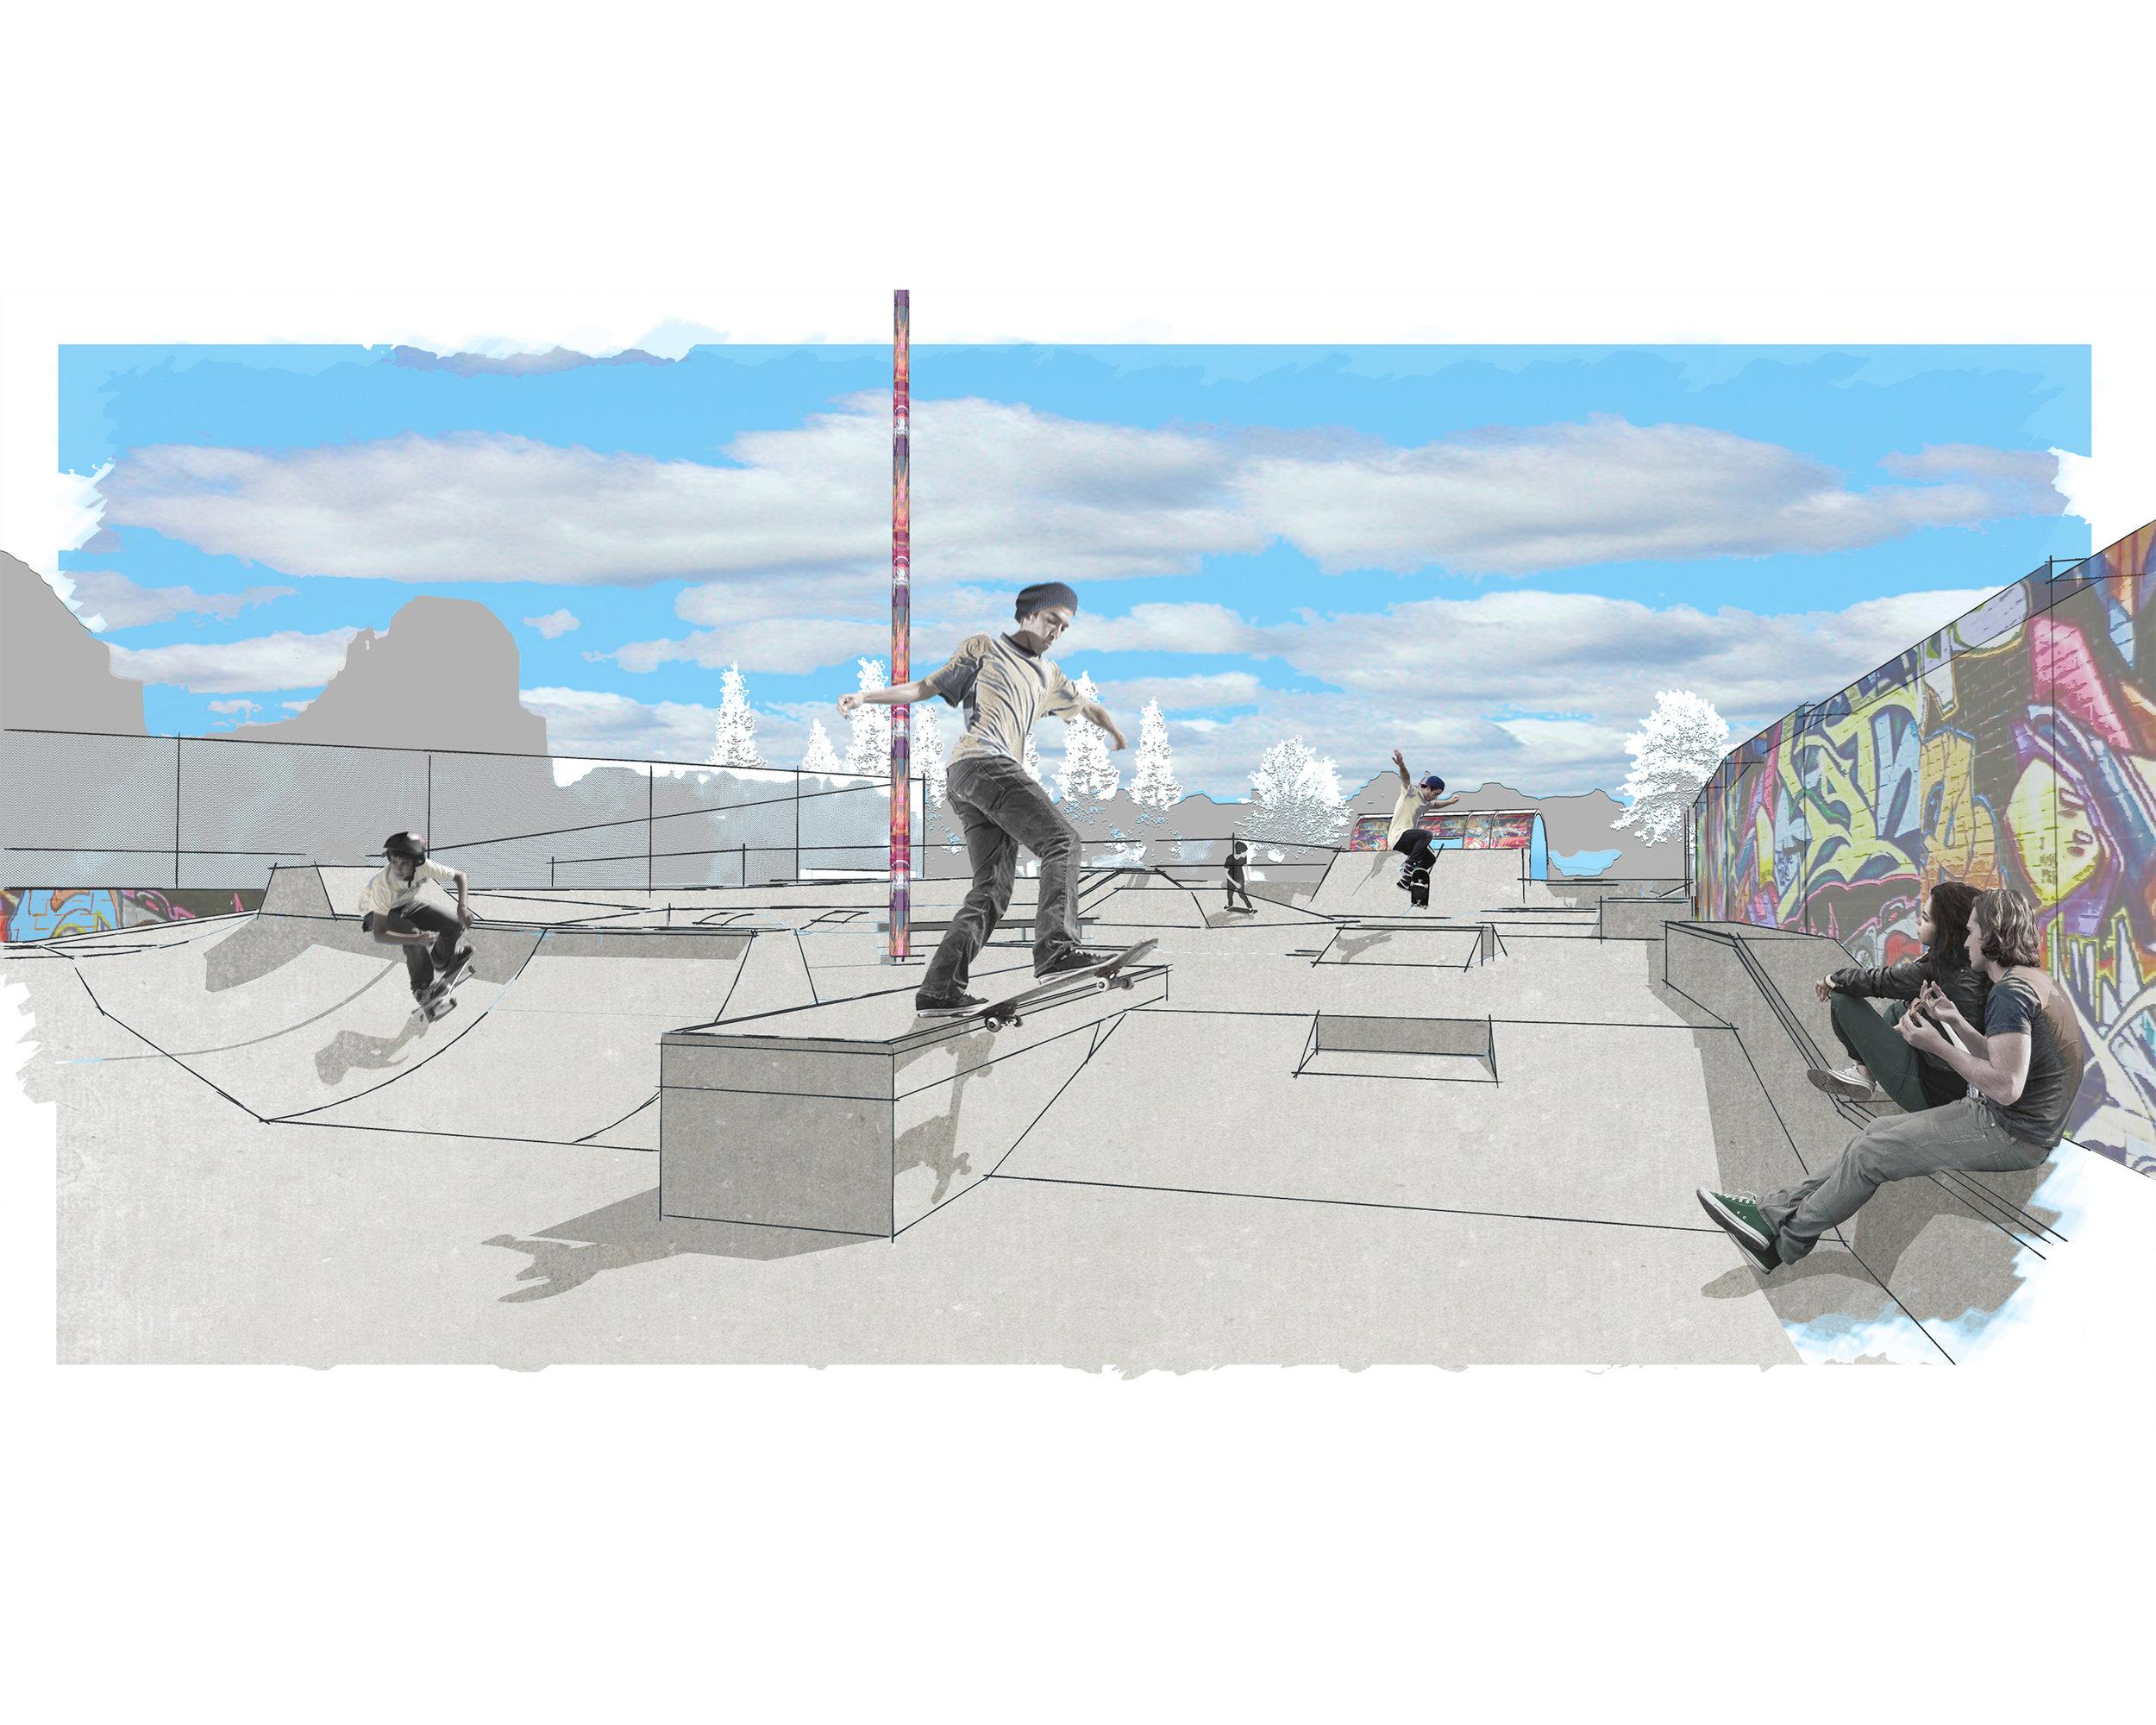 02_Reid Menzer Memorial Skatepark_high res ext.jpg